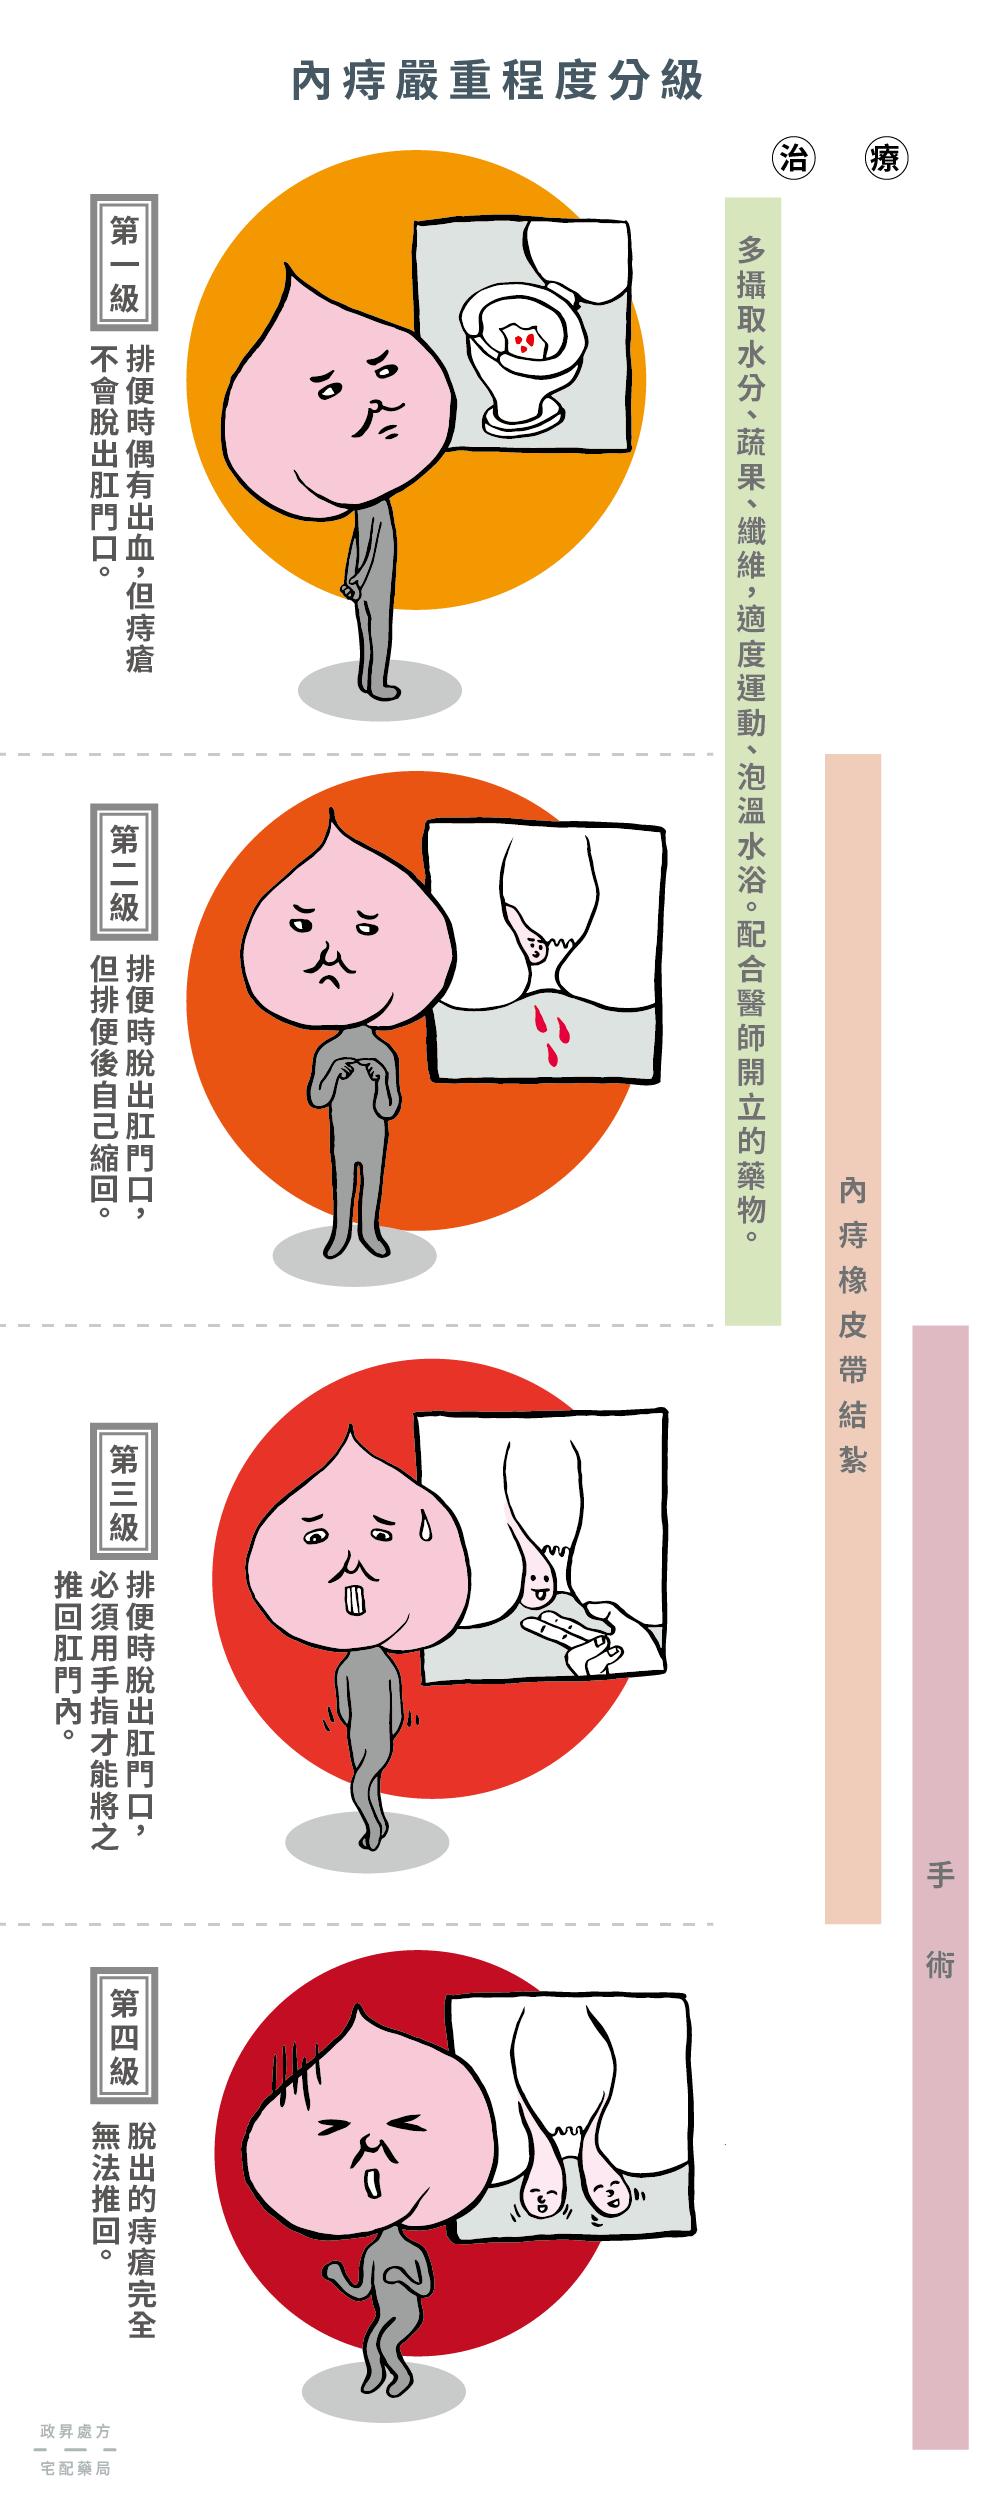 痔核 治療 外